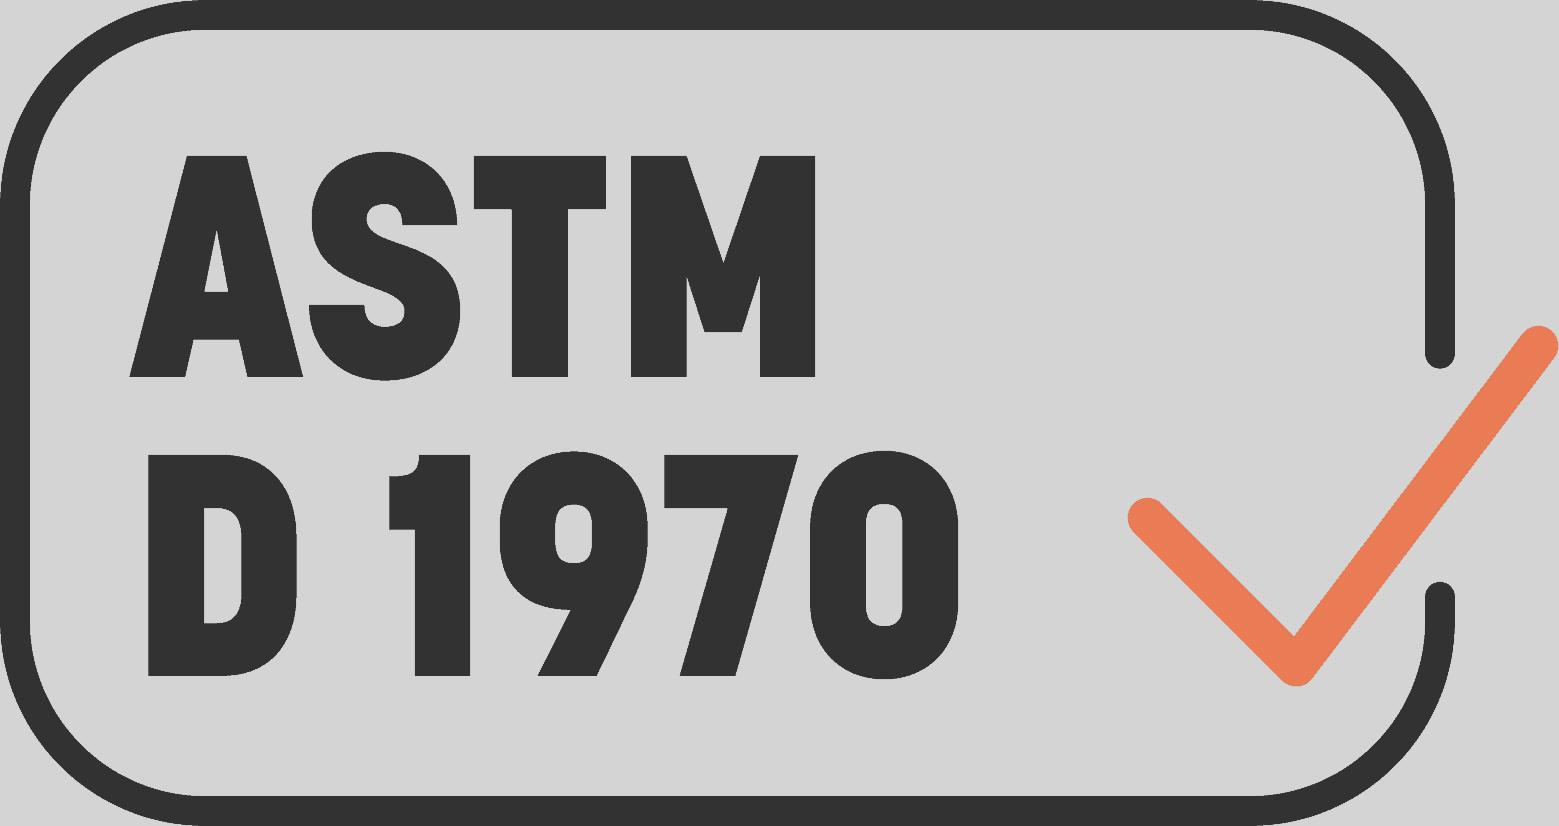 ASTM D 1970